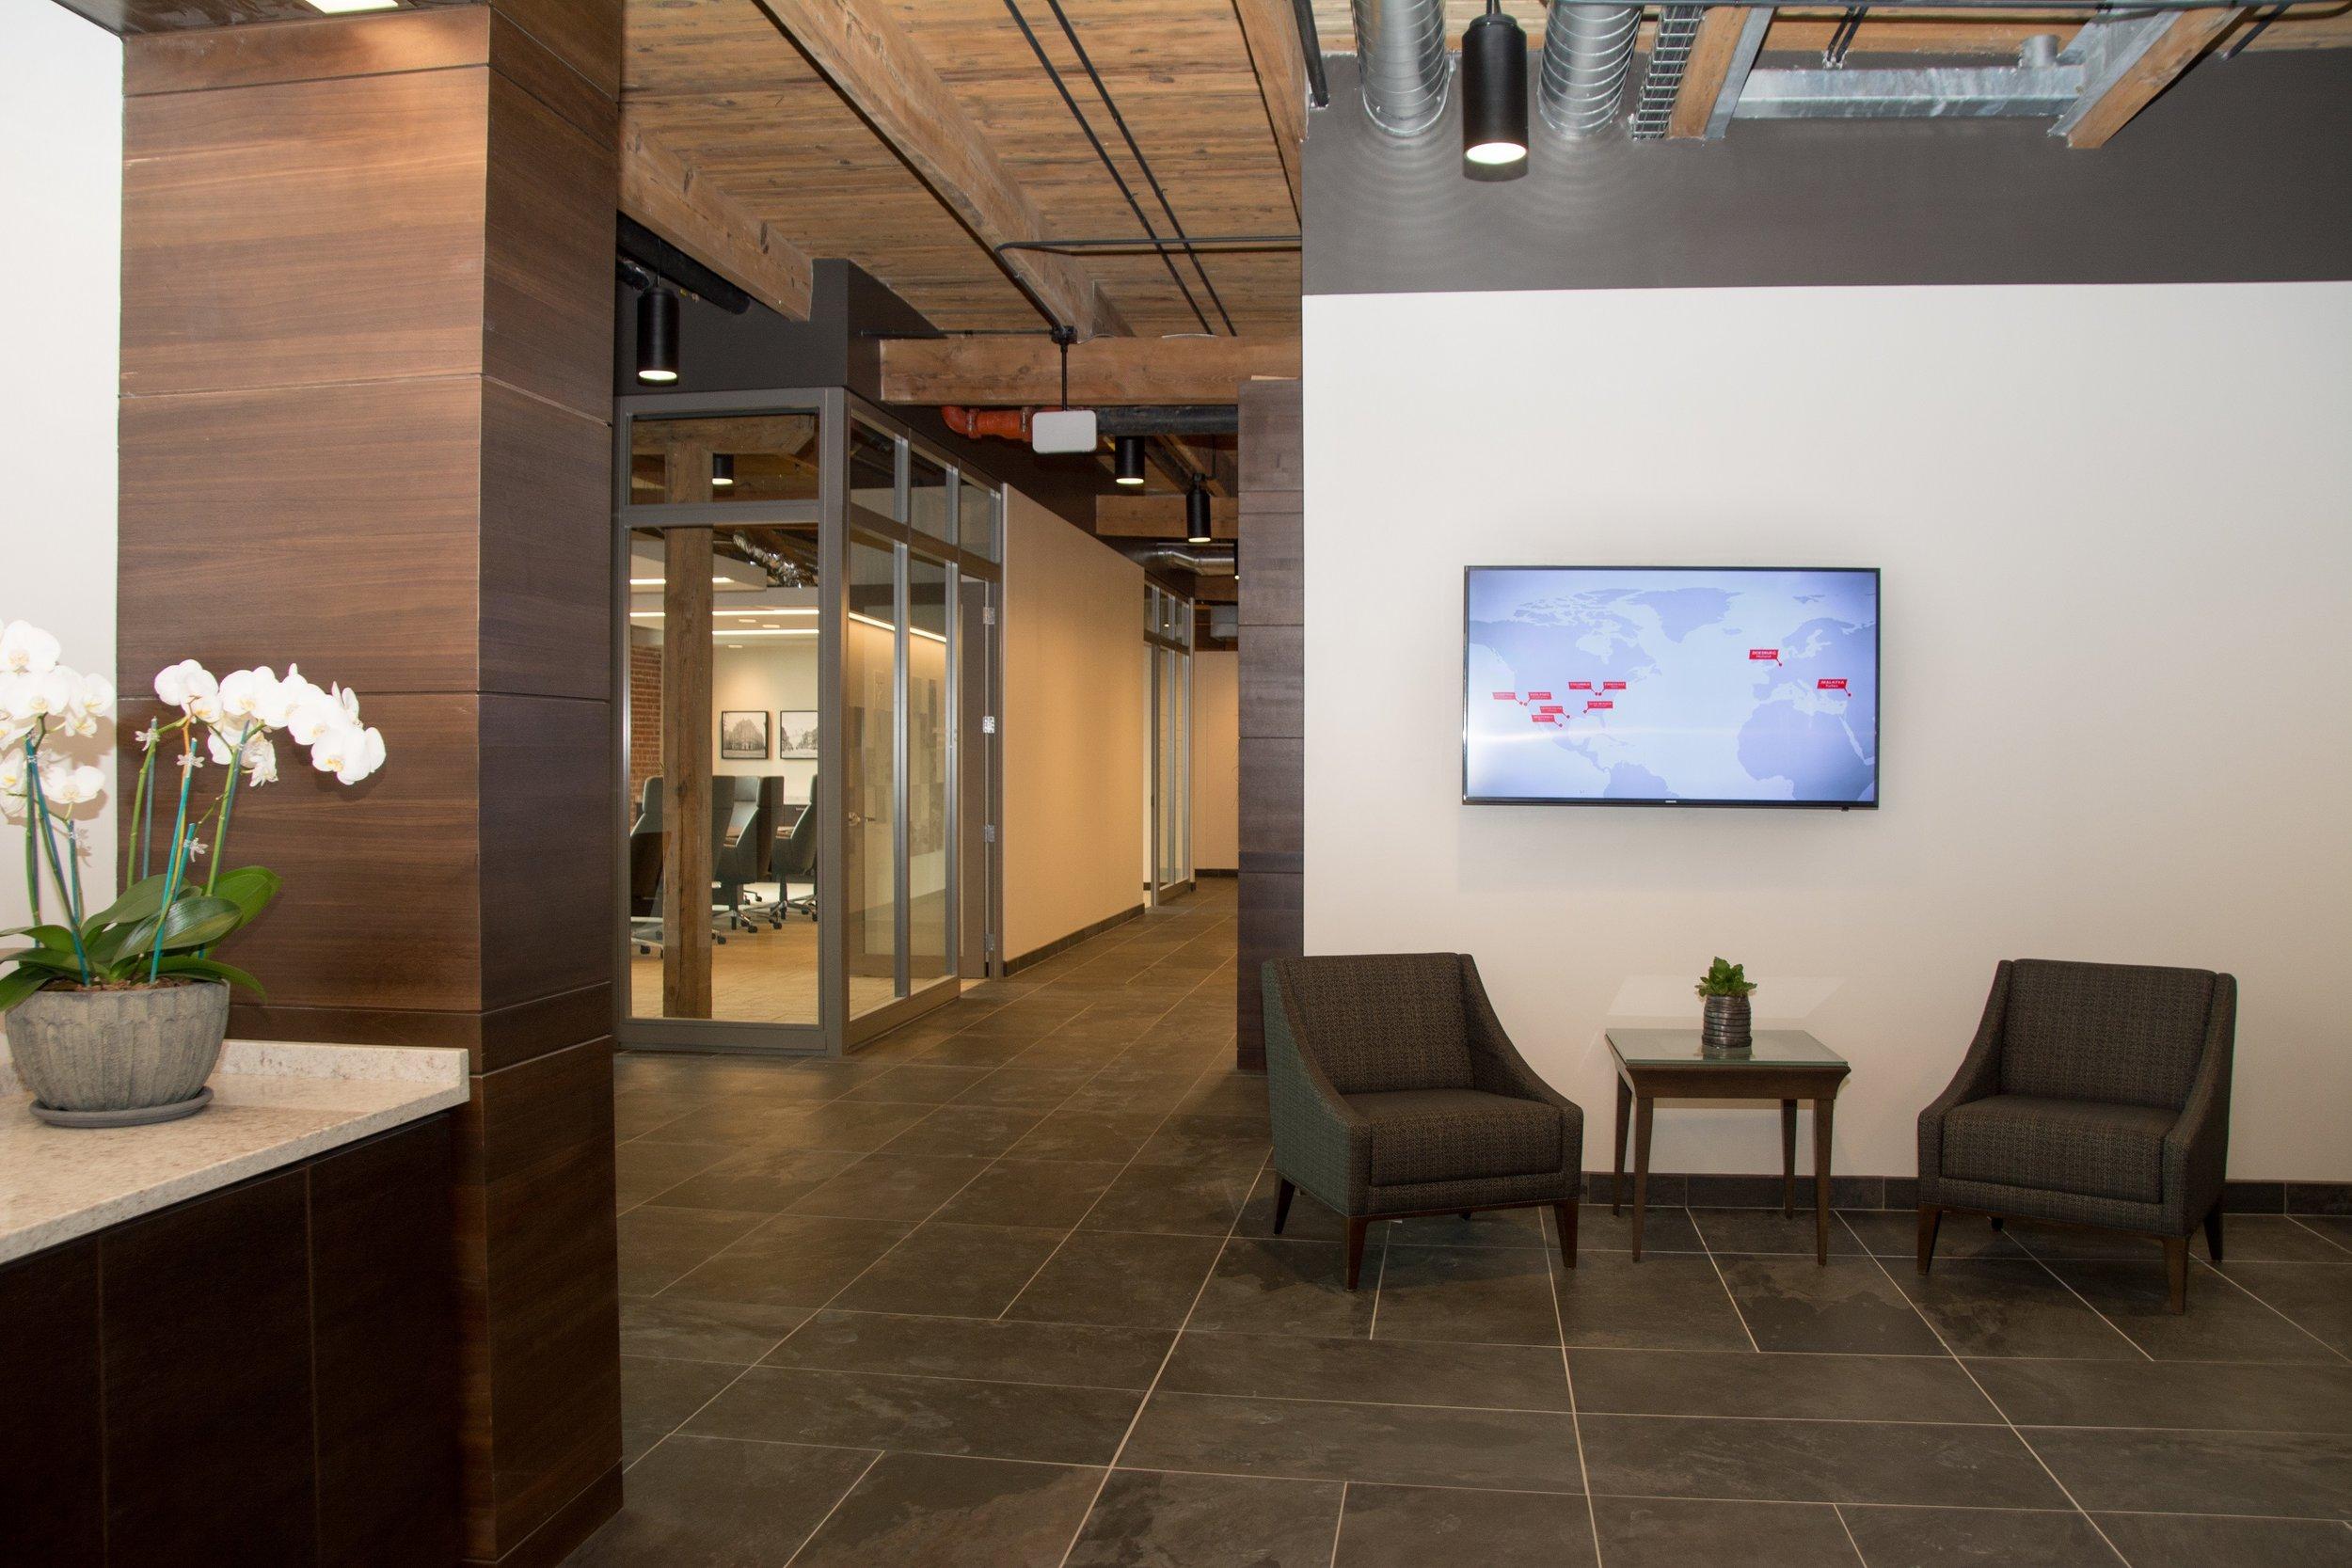 digital signage in lobby.jpg